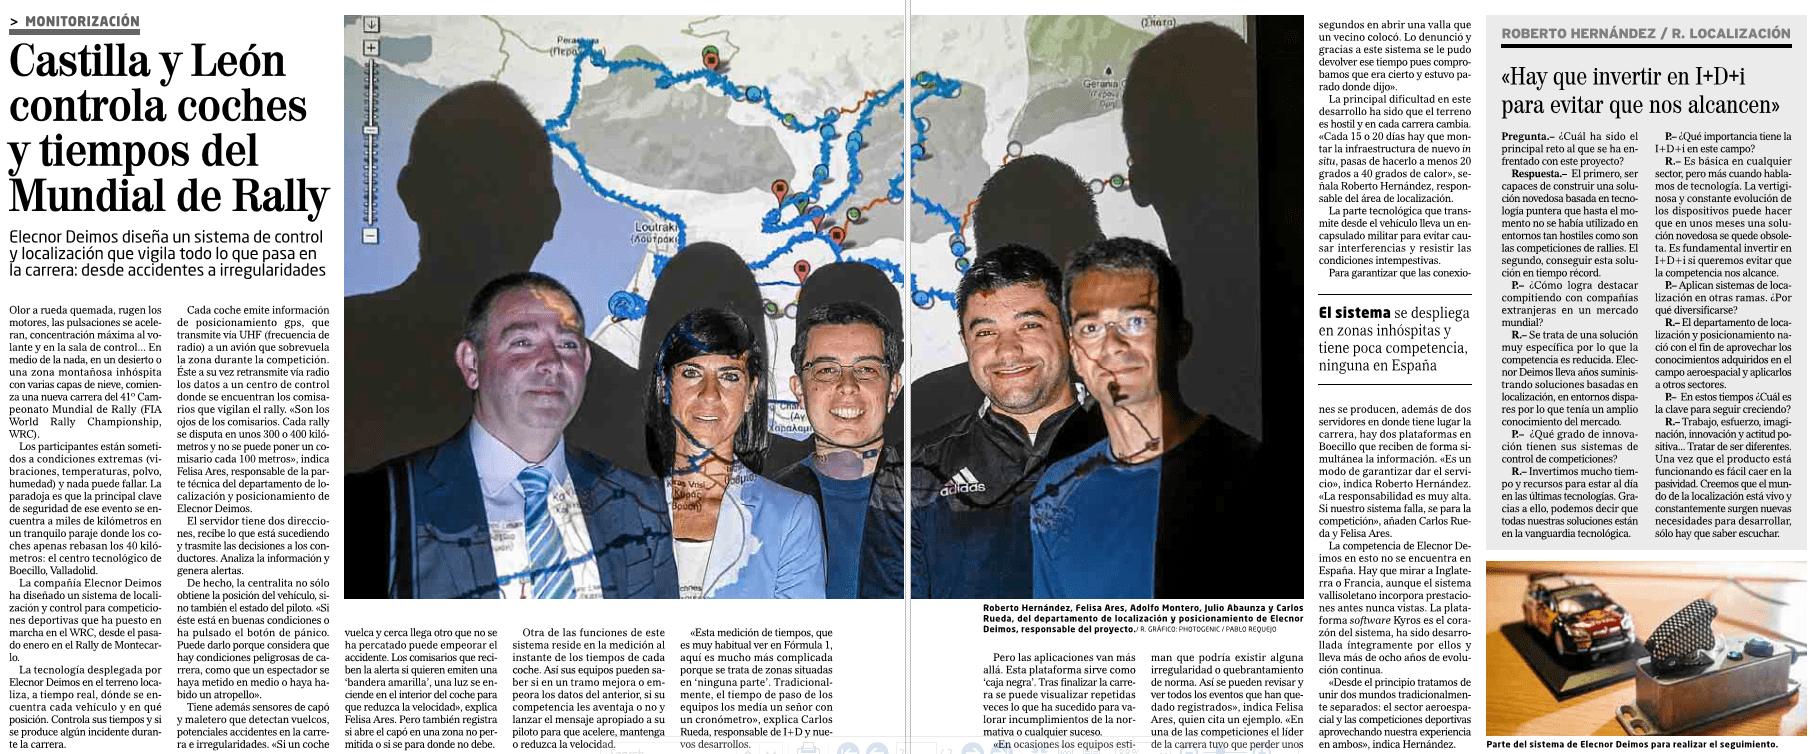 Deimos LBS en el mundial de Rally (WRC)